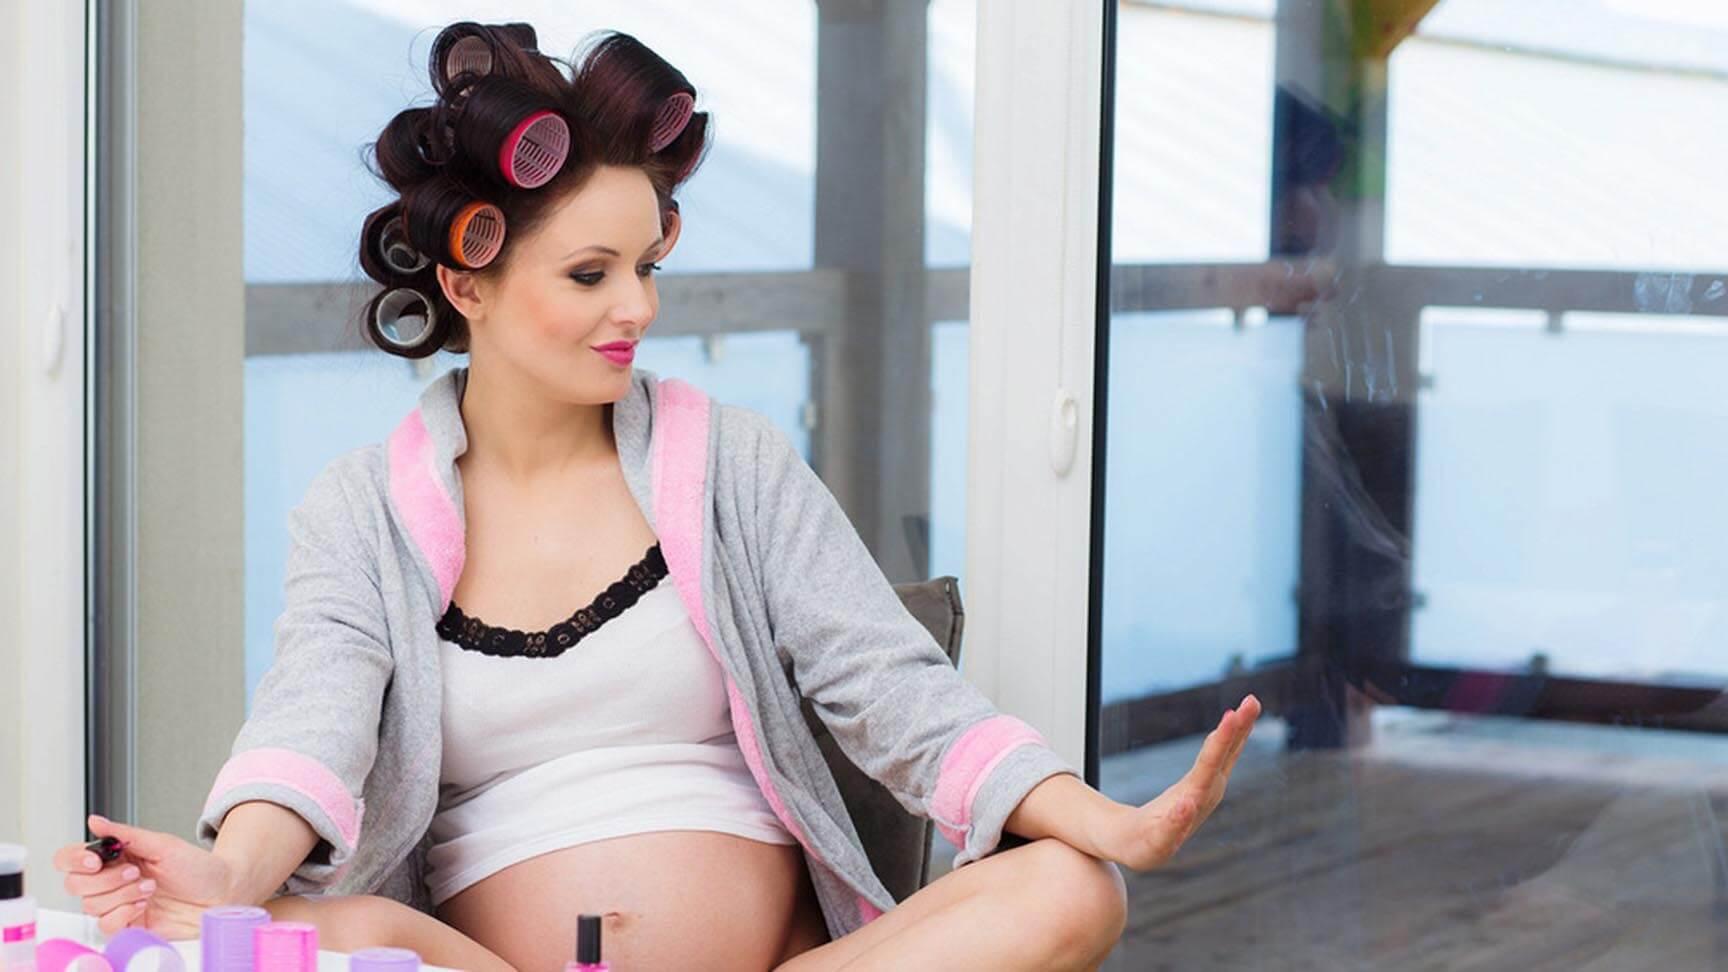 Можно ли беременным стричь волосы другим людям: видео-инструкция по уходу своими руками, красить женщинам локоны во время беременности, фото и цена